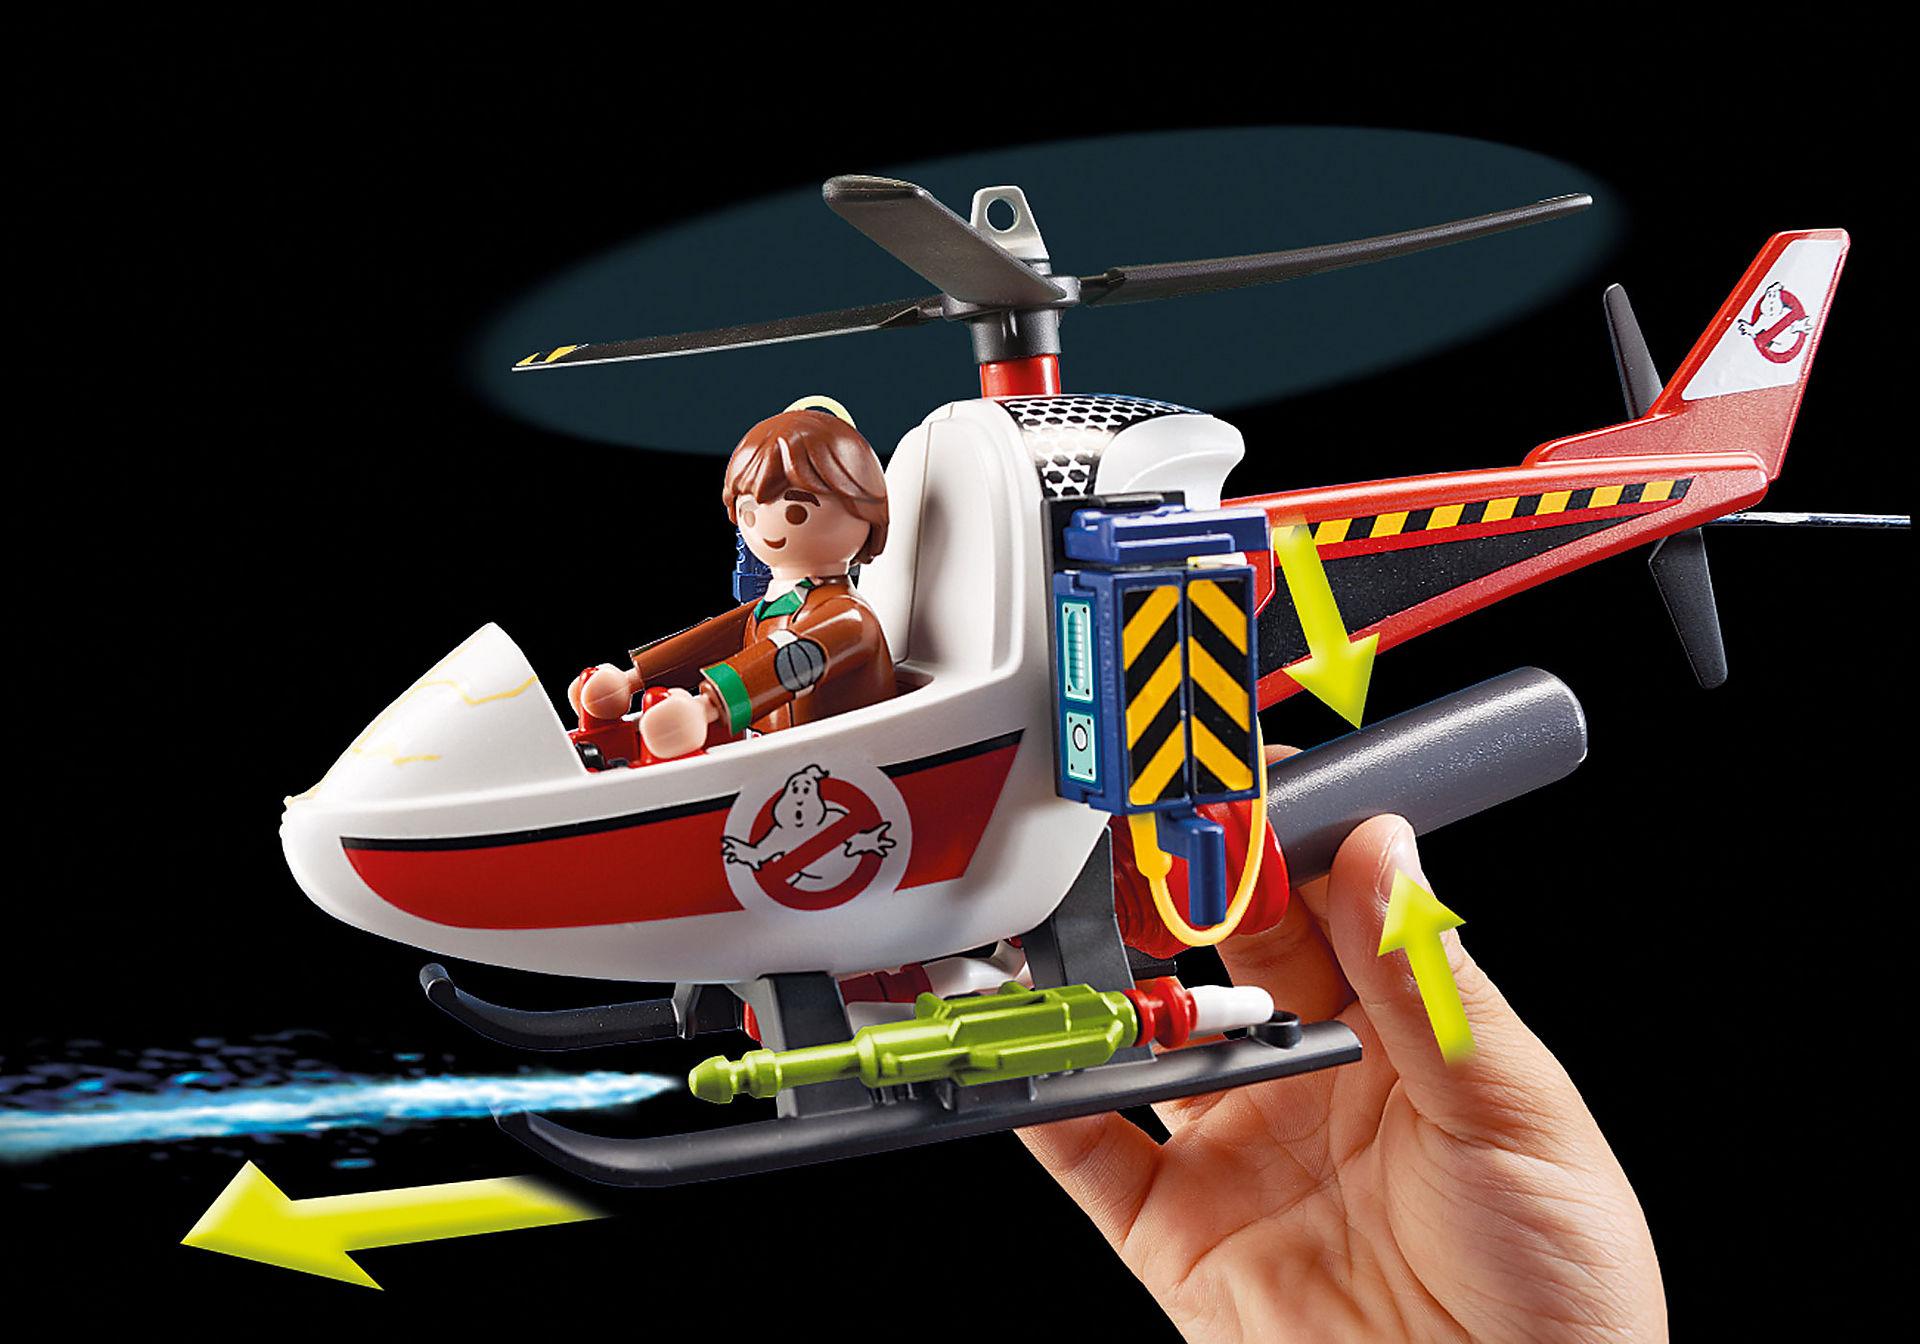 http://media.playmobil.com/i/playmobil/9385_product_extra1/Venkman avec hélicoptère